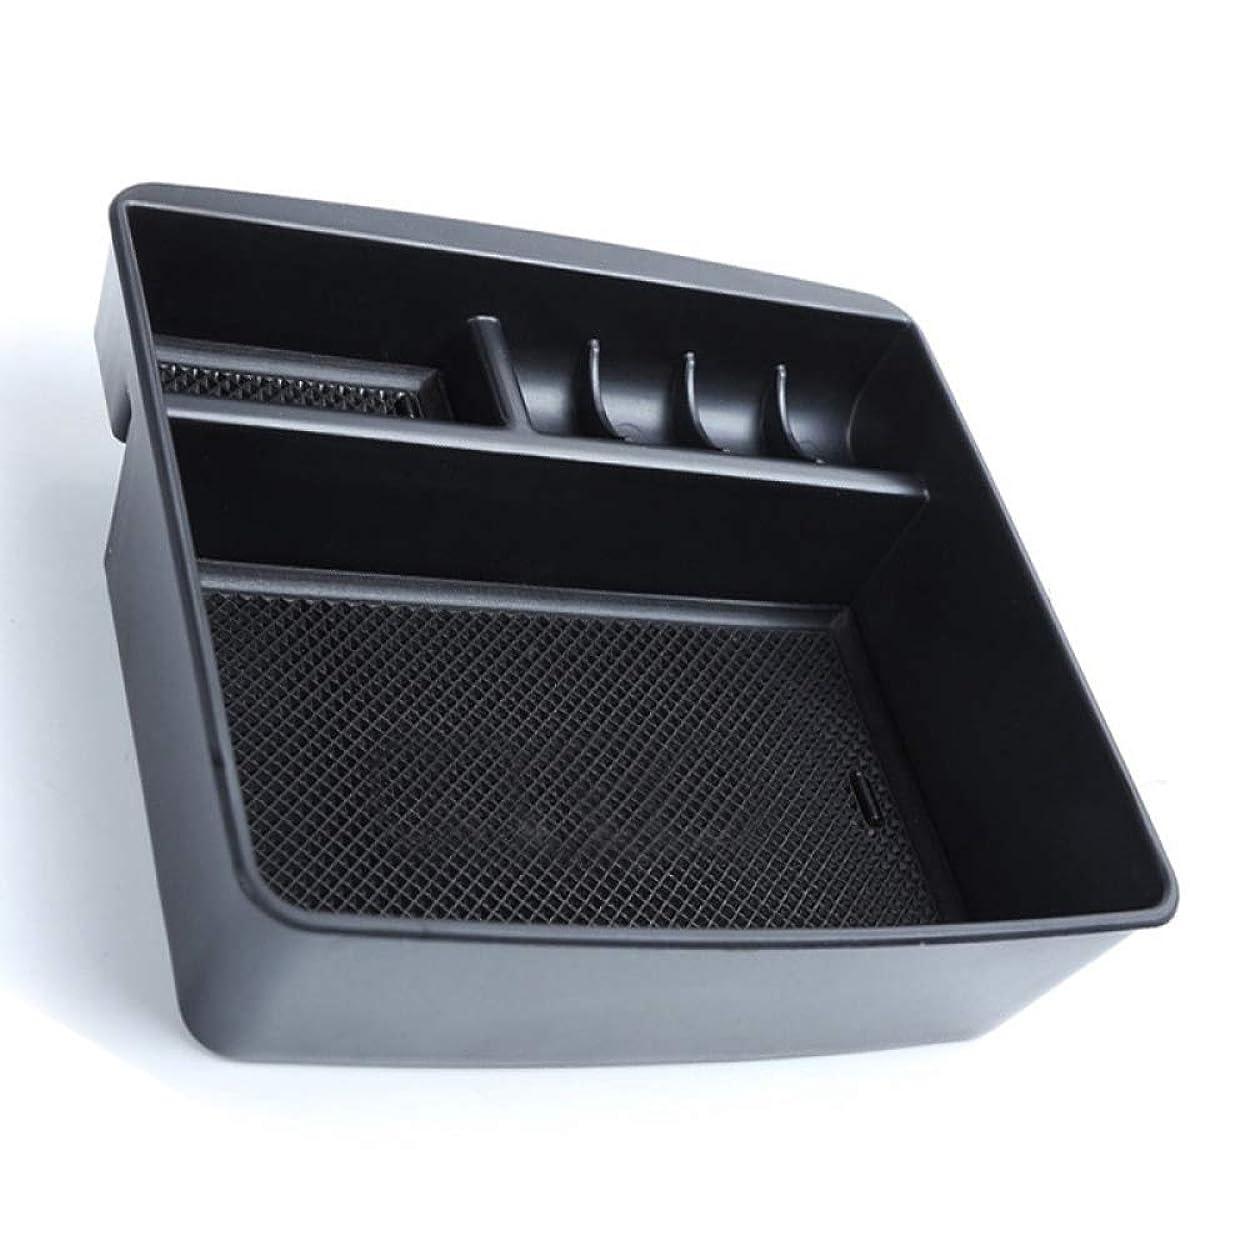 熱ピルフロントLUOERPI 車のアームレスト収納ボックスセンターコンソール整理整頓ホルダーコインオーガナイザー、トヨタランドクルーザープラドFJ 150 FJ150 FJ120 120 2003-2019、冷蔵庫付き